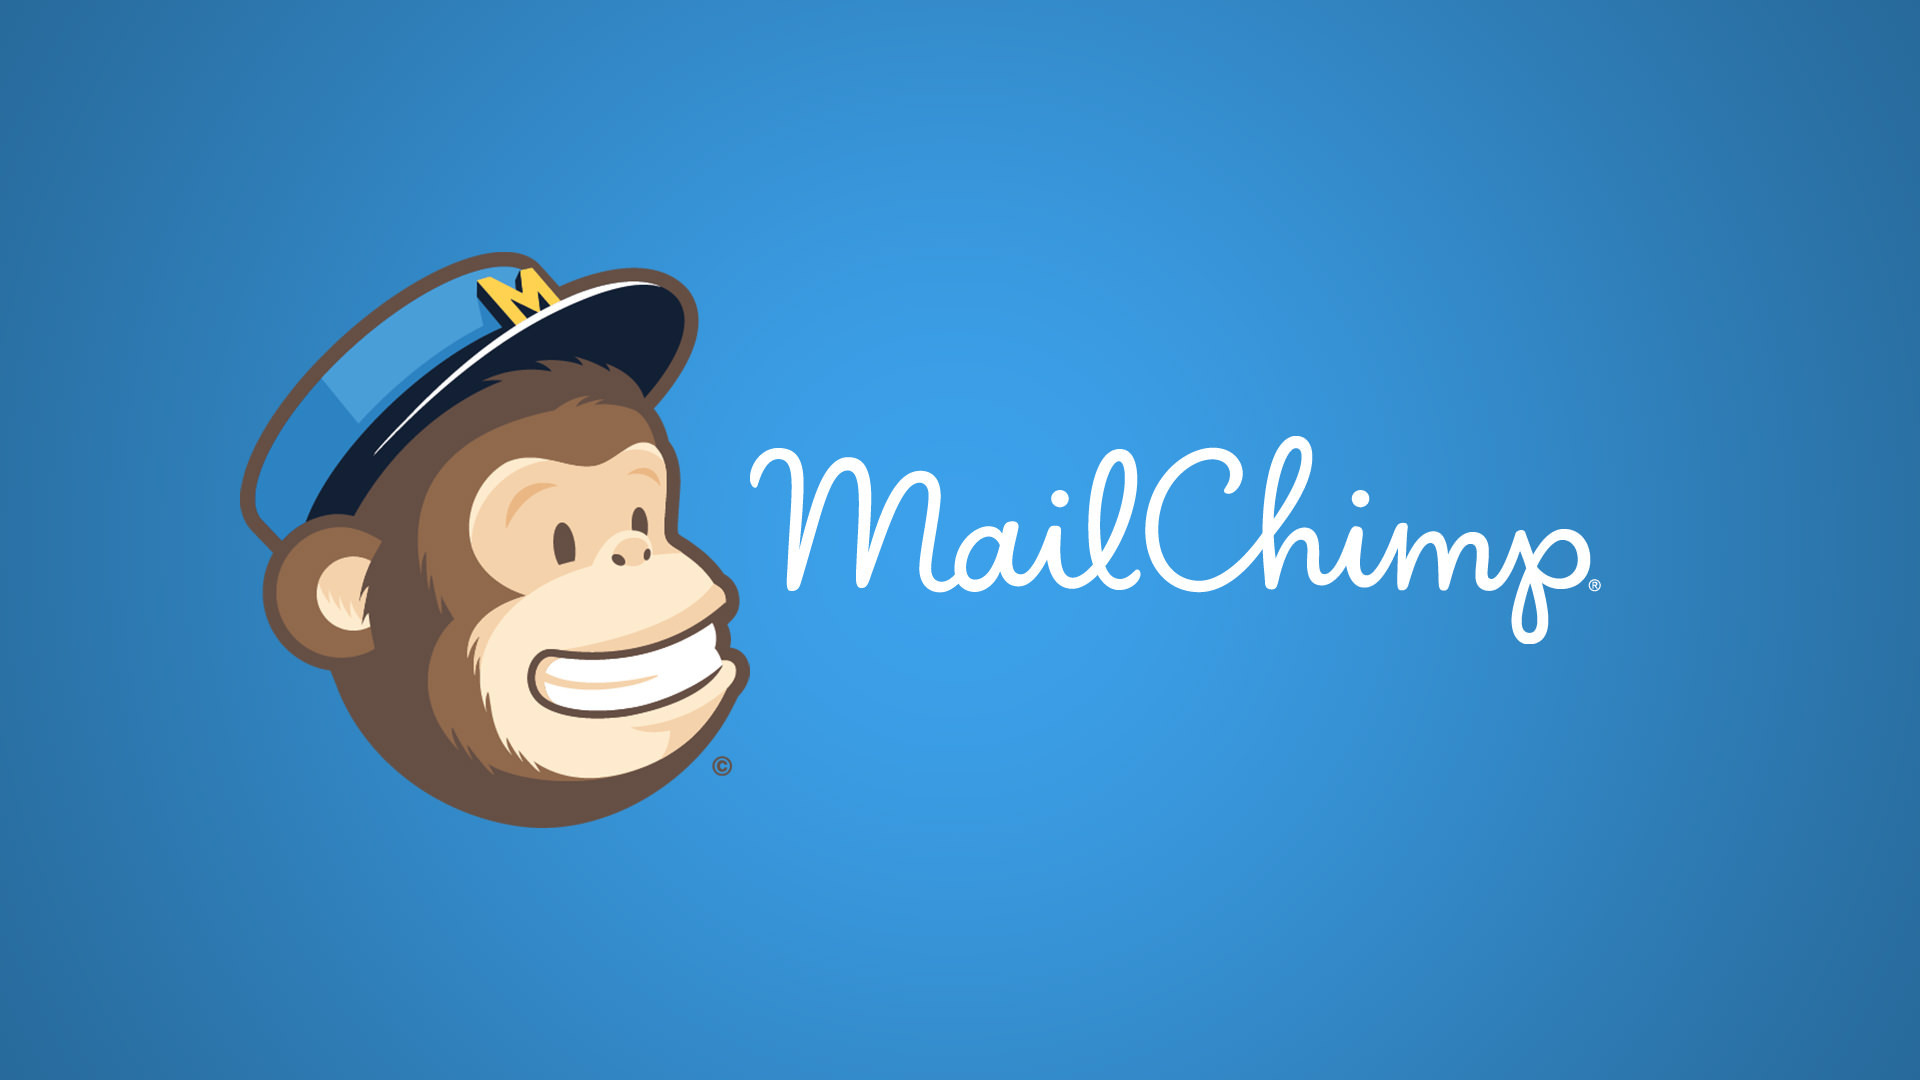 Developer  MailChimp